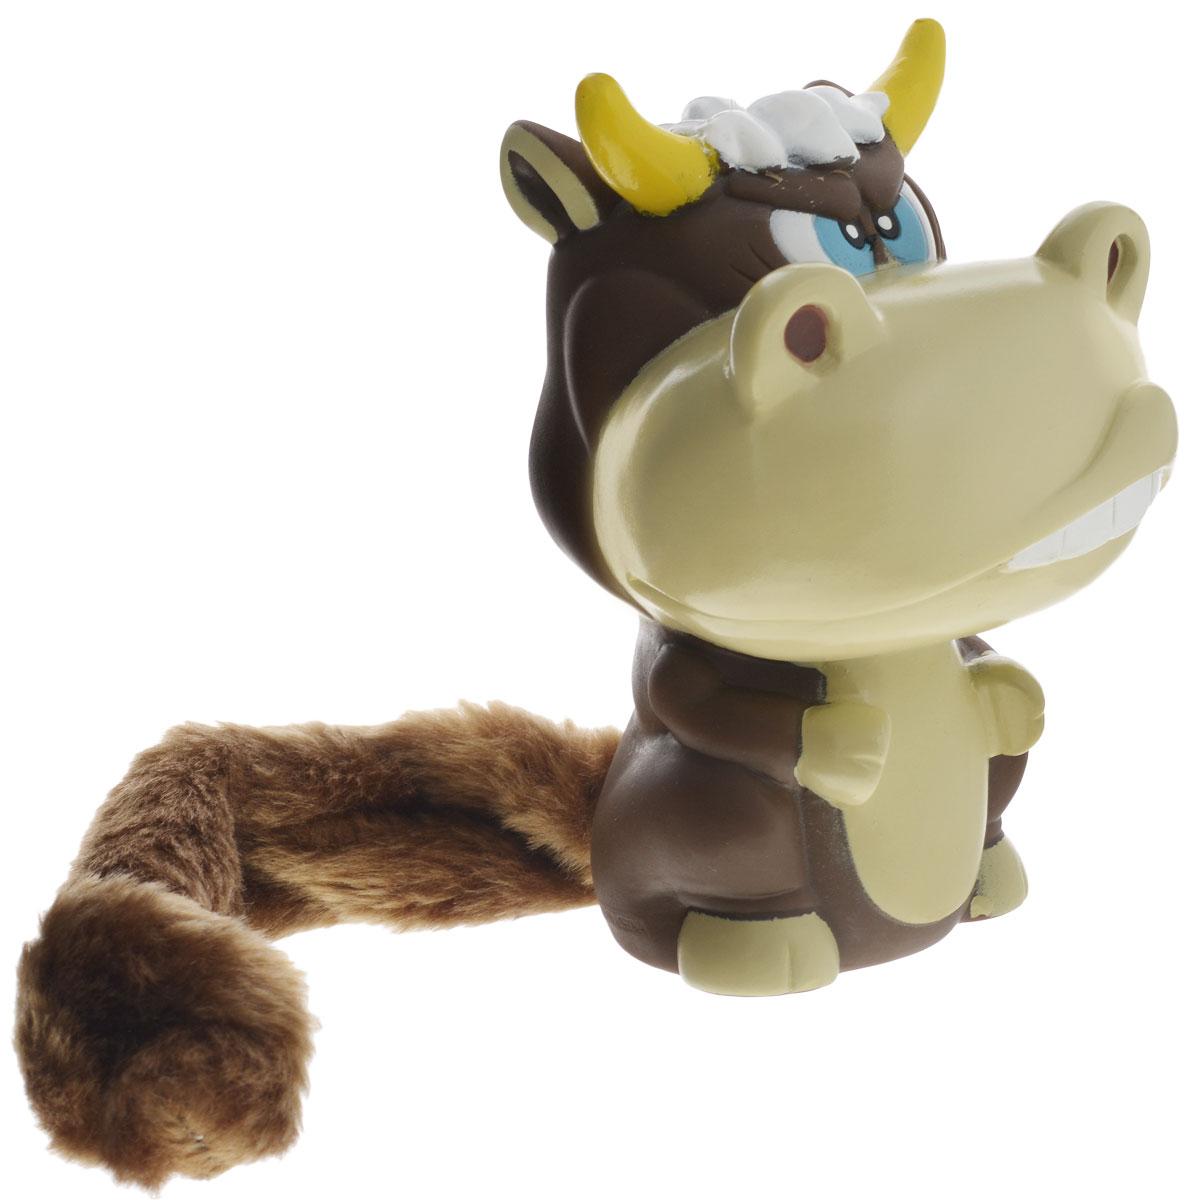 Игрушка для собак Aveva Бык13308Игрушка для собак Aveva Бык, выполненная в виде забавного бычка с плюшевым хвостом, изготовлена из резины. Такая игрушка позволит весело провести время вашему питомцу, а также поможет вам сохранить в целости личные вещи и предметы интерьера. Яркая игрушка привлечет внимание вашего любимца, не навредит здоровью и займет его на долгое время. Длина хвоста игрушки: 20 см.